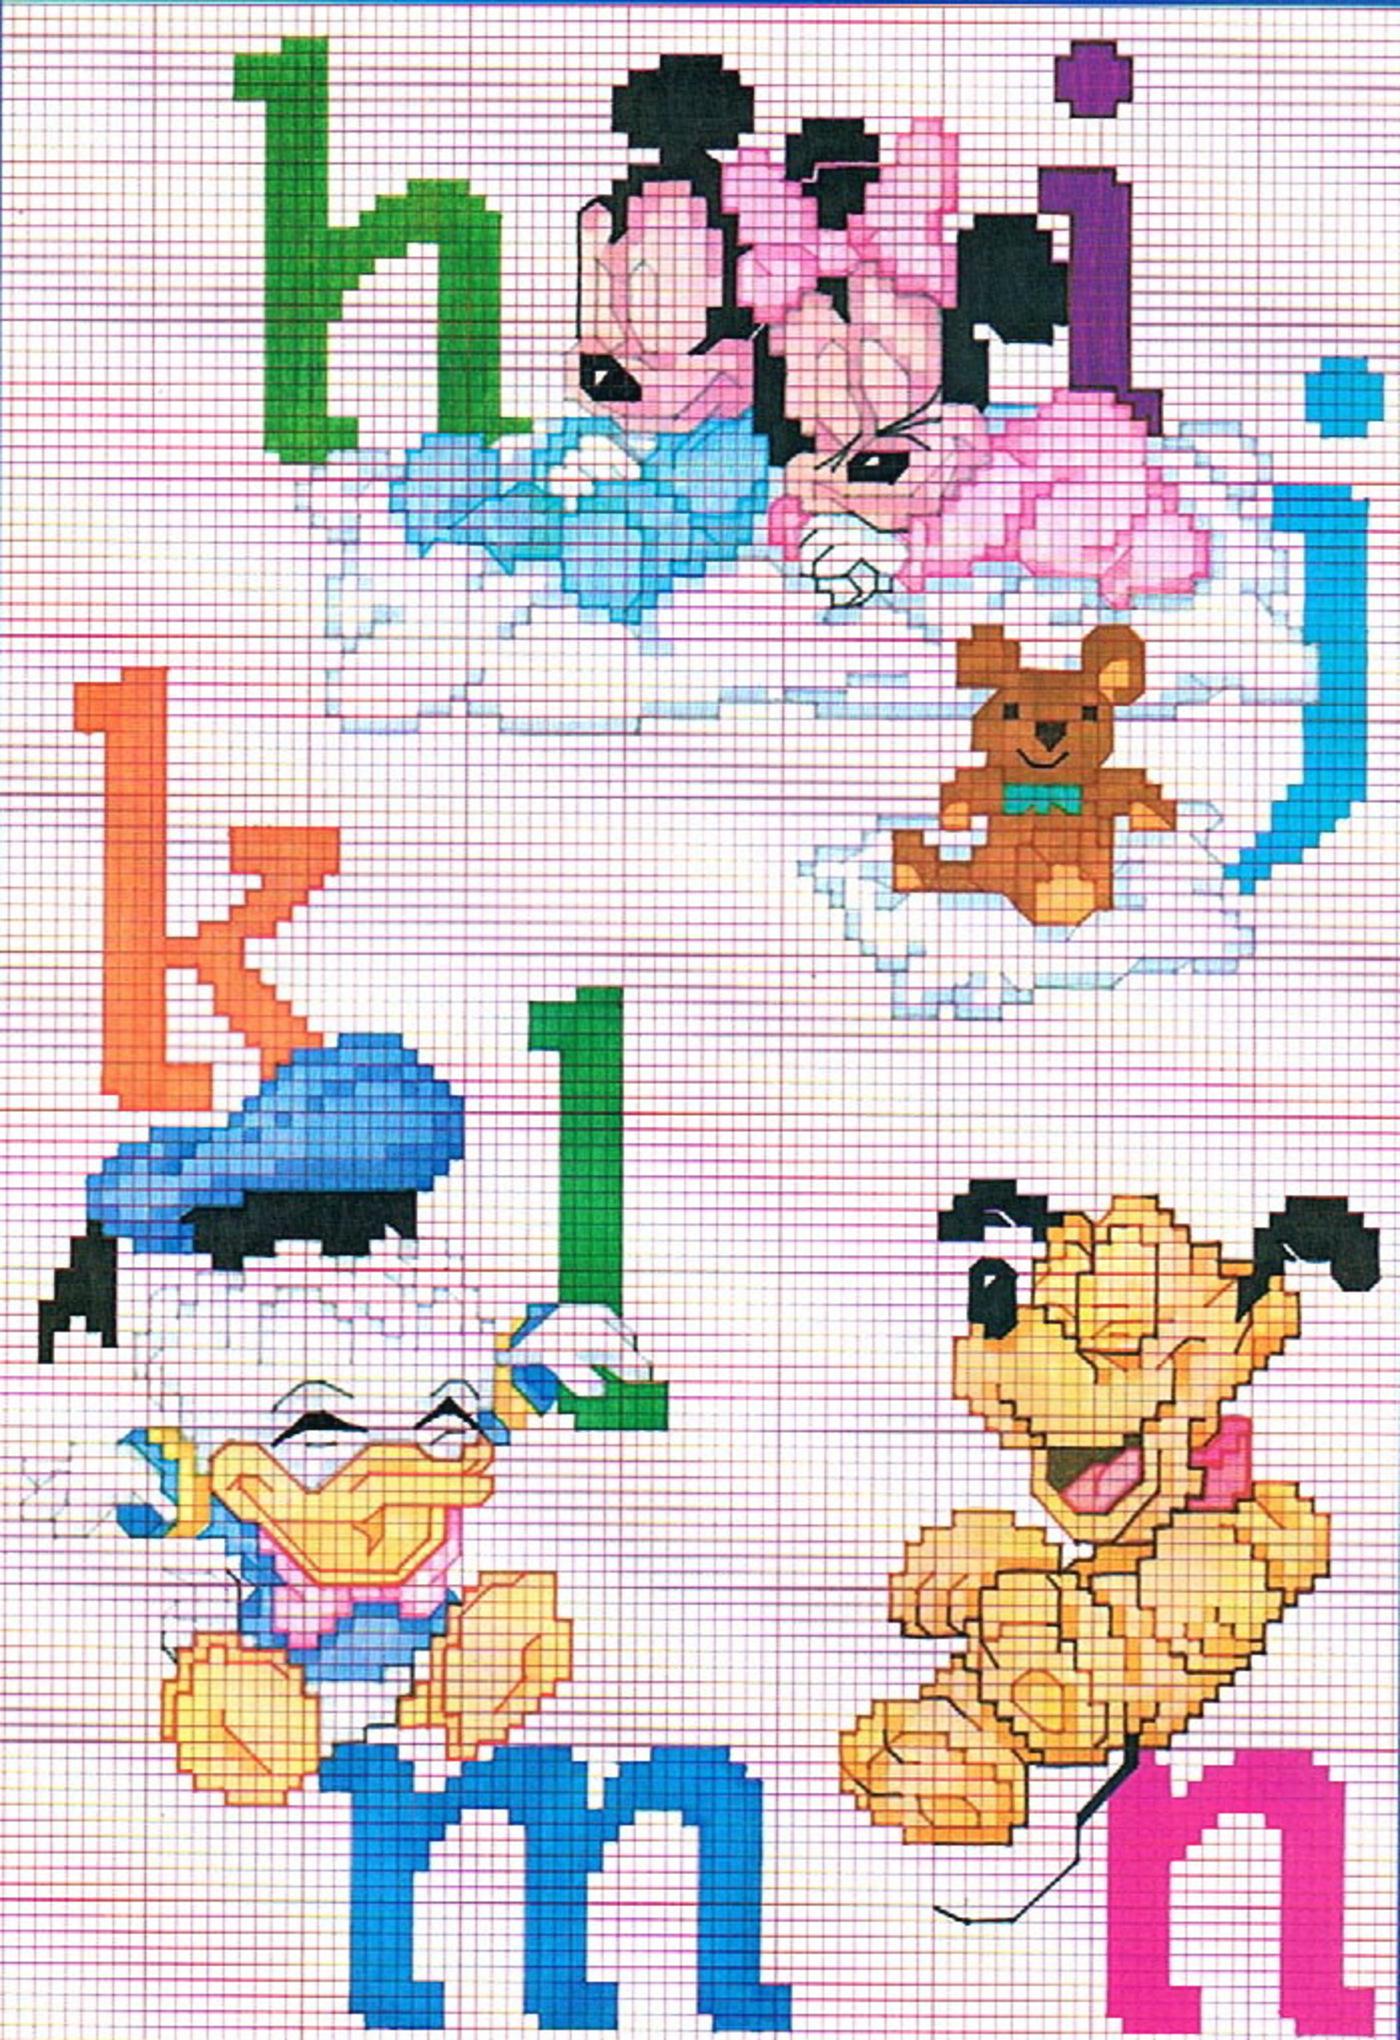 Alfabeto baby disney punto croce 2 for Alfabeto punto croce disney gratis